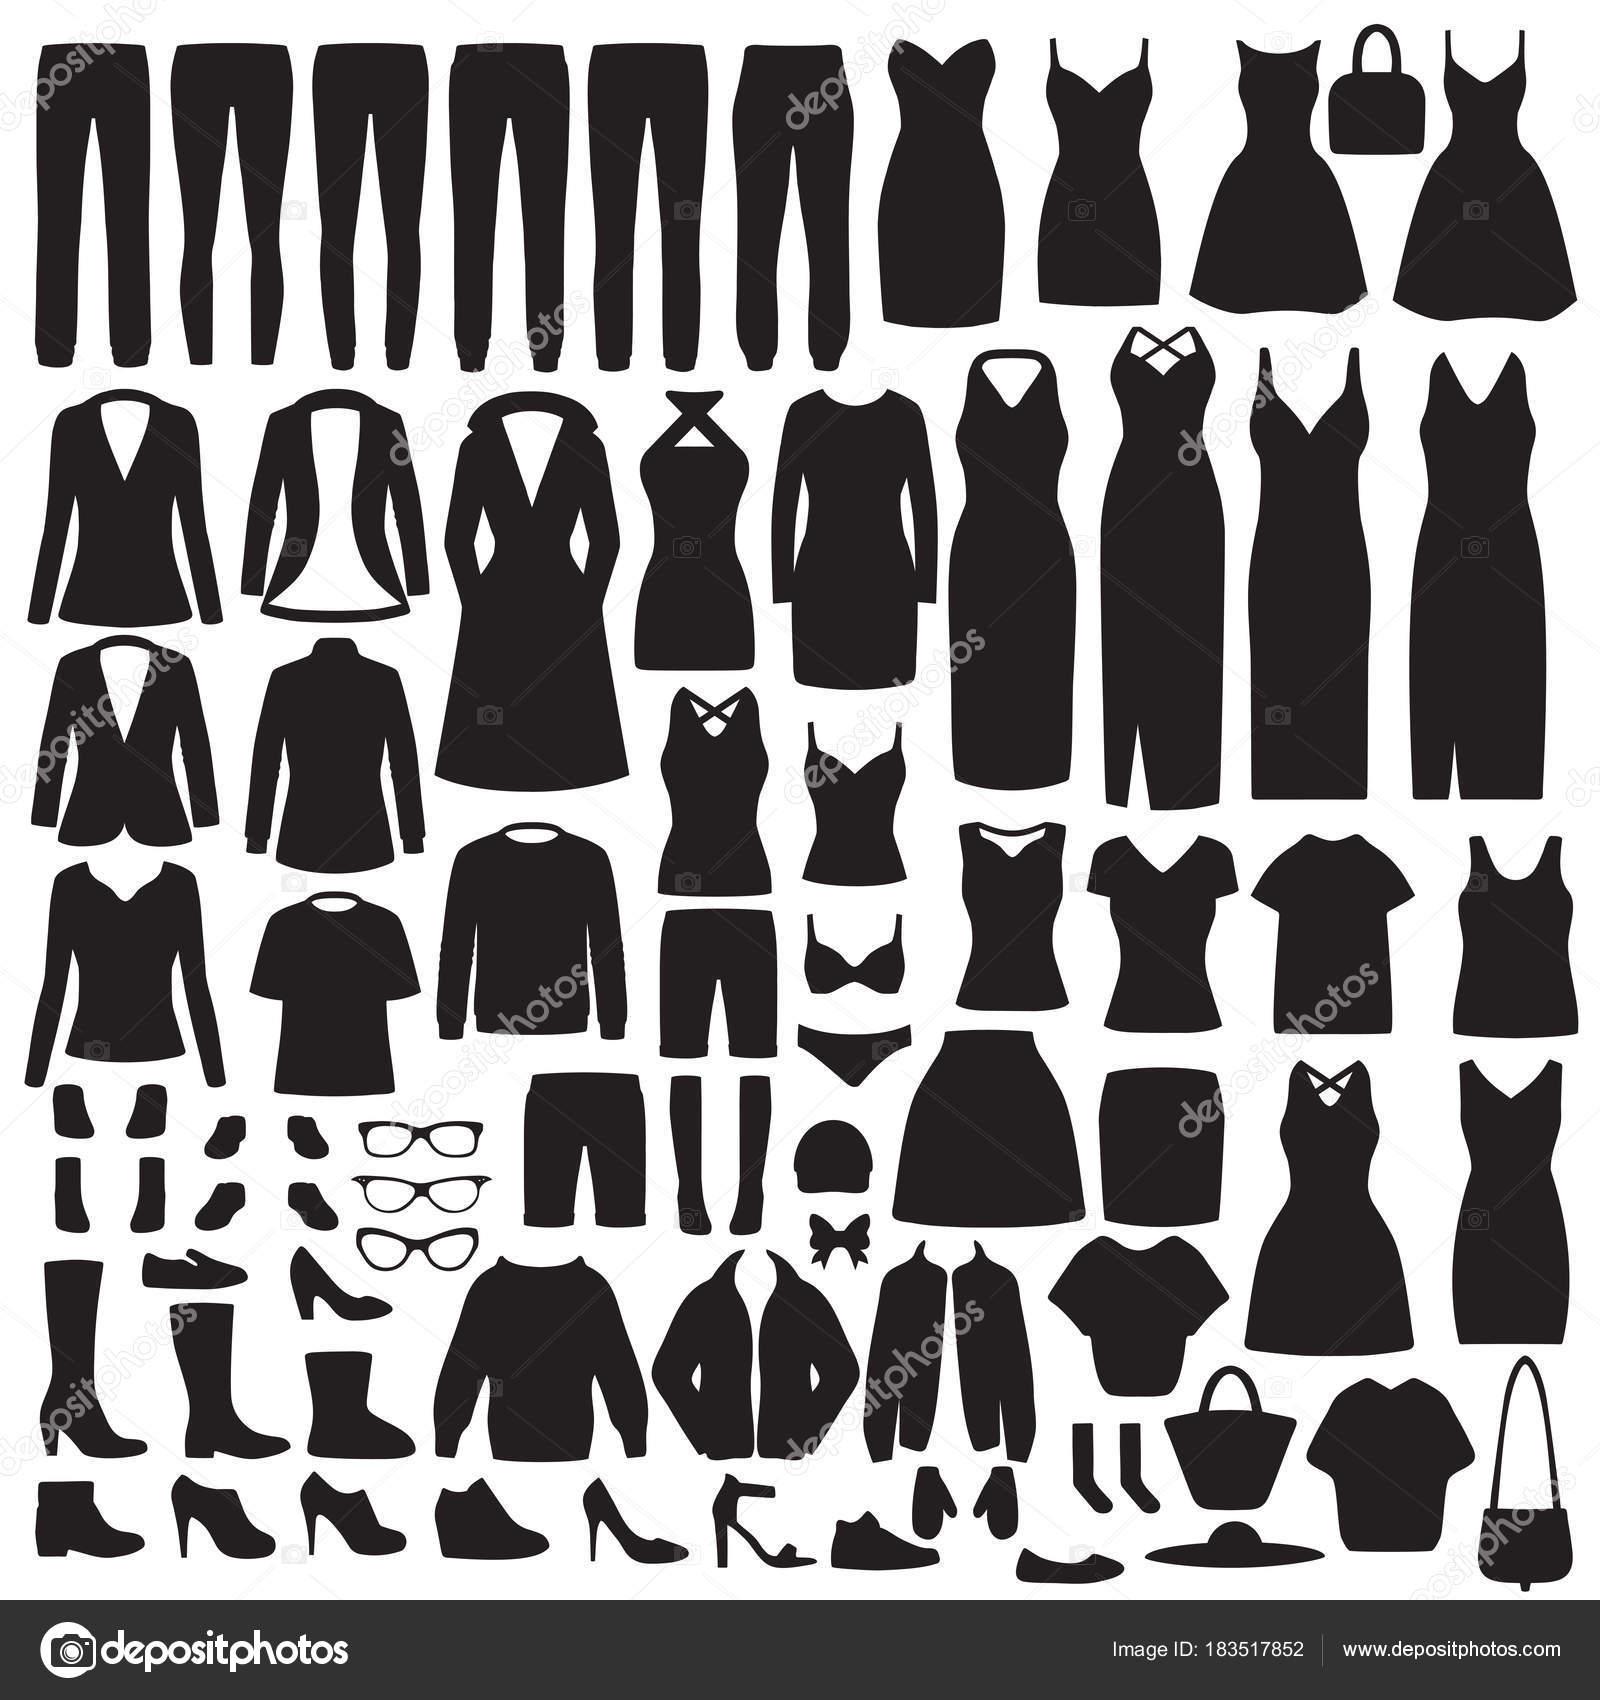 6888a7003 Ilustração Vetor Silhueta Roupas Moda Mulheres Conjunto Vestido ...